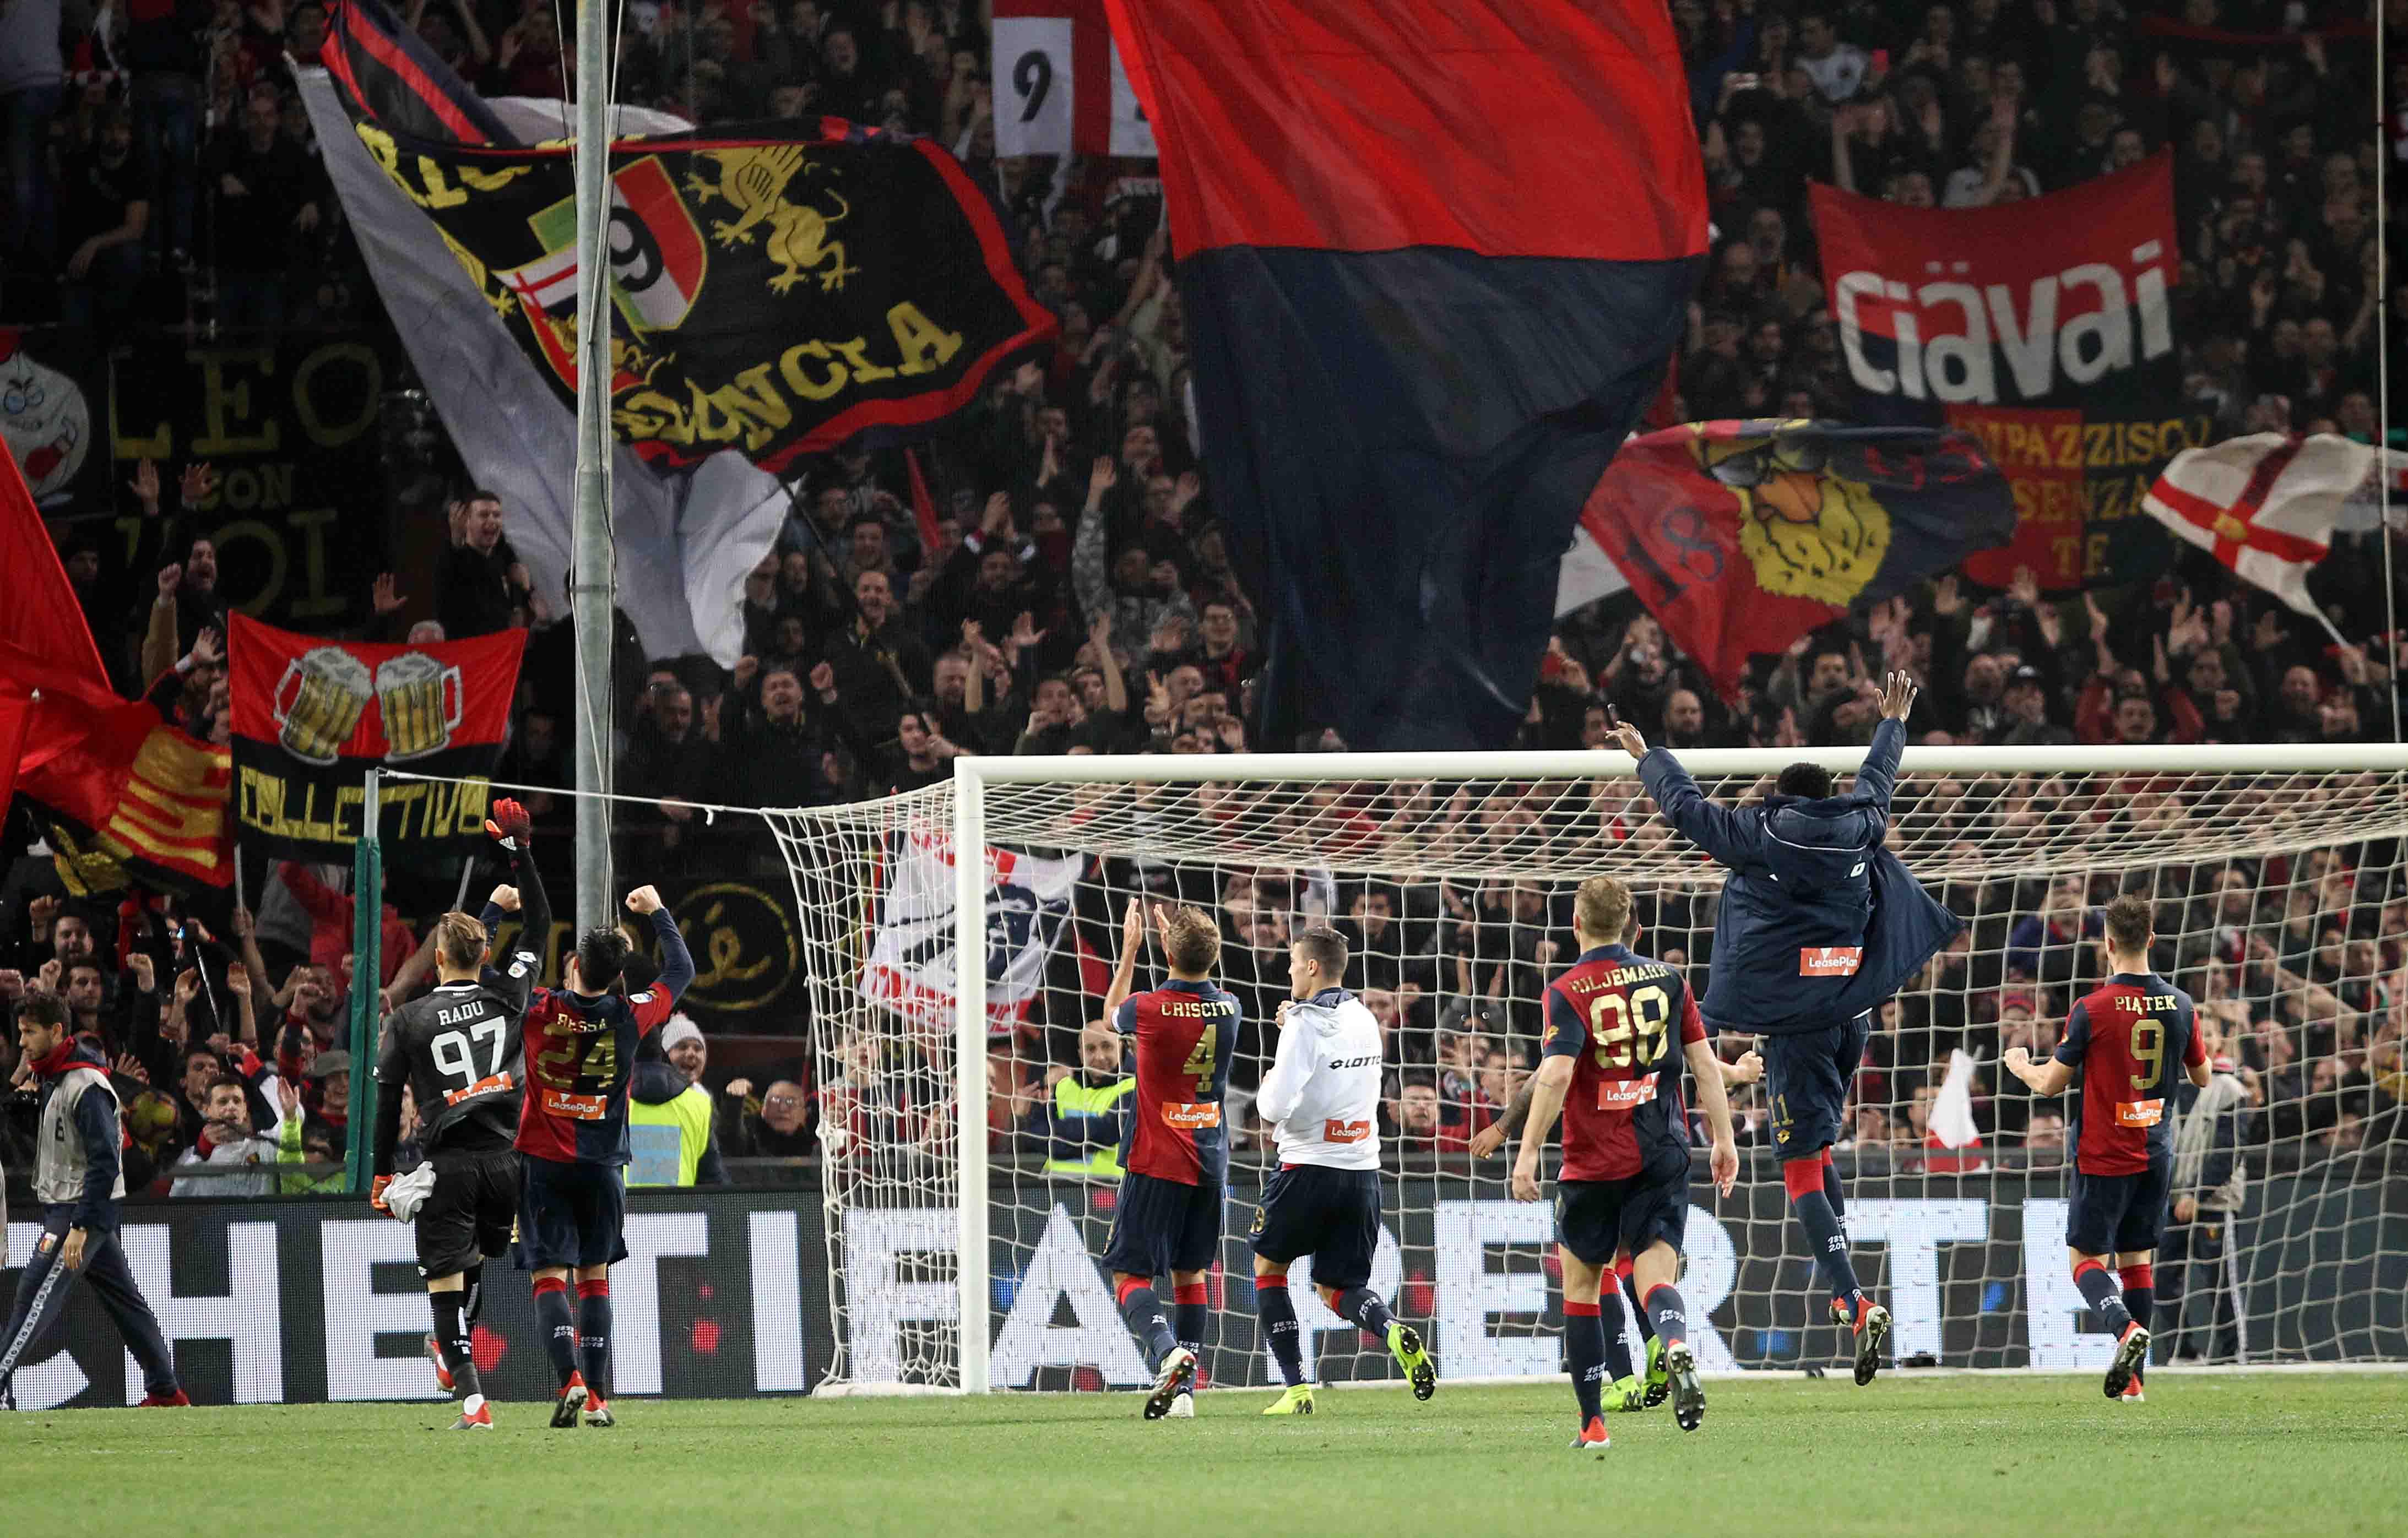 Genoa-Milan, cambia l'orario: non si giocherà alle 21